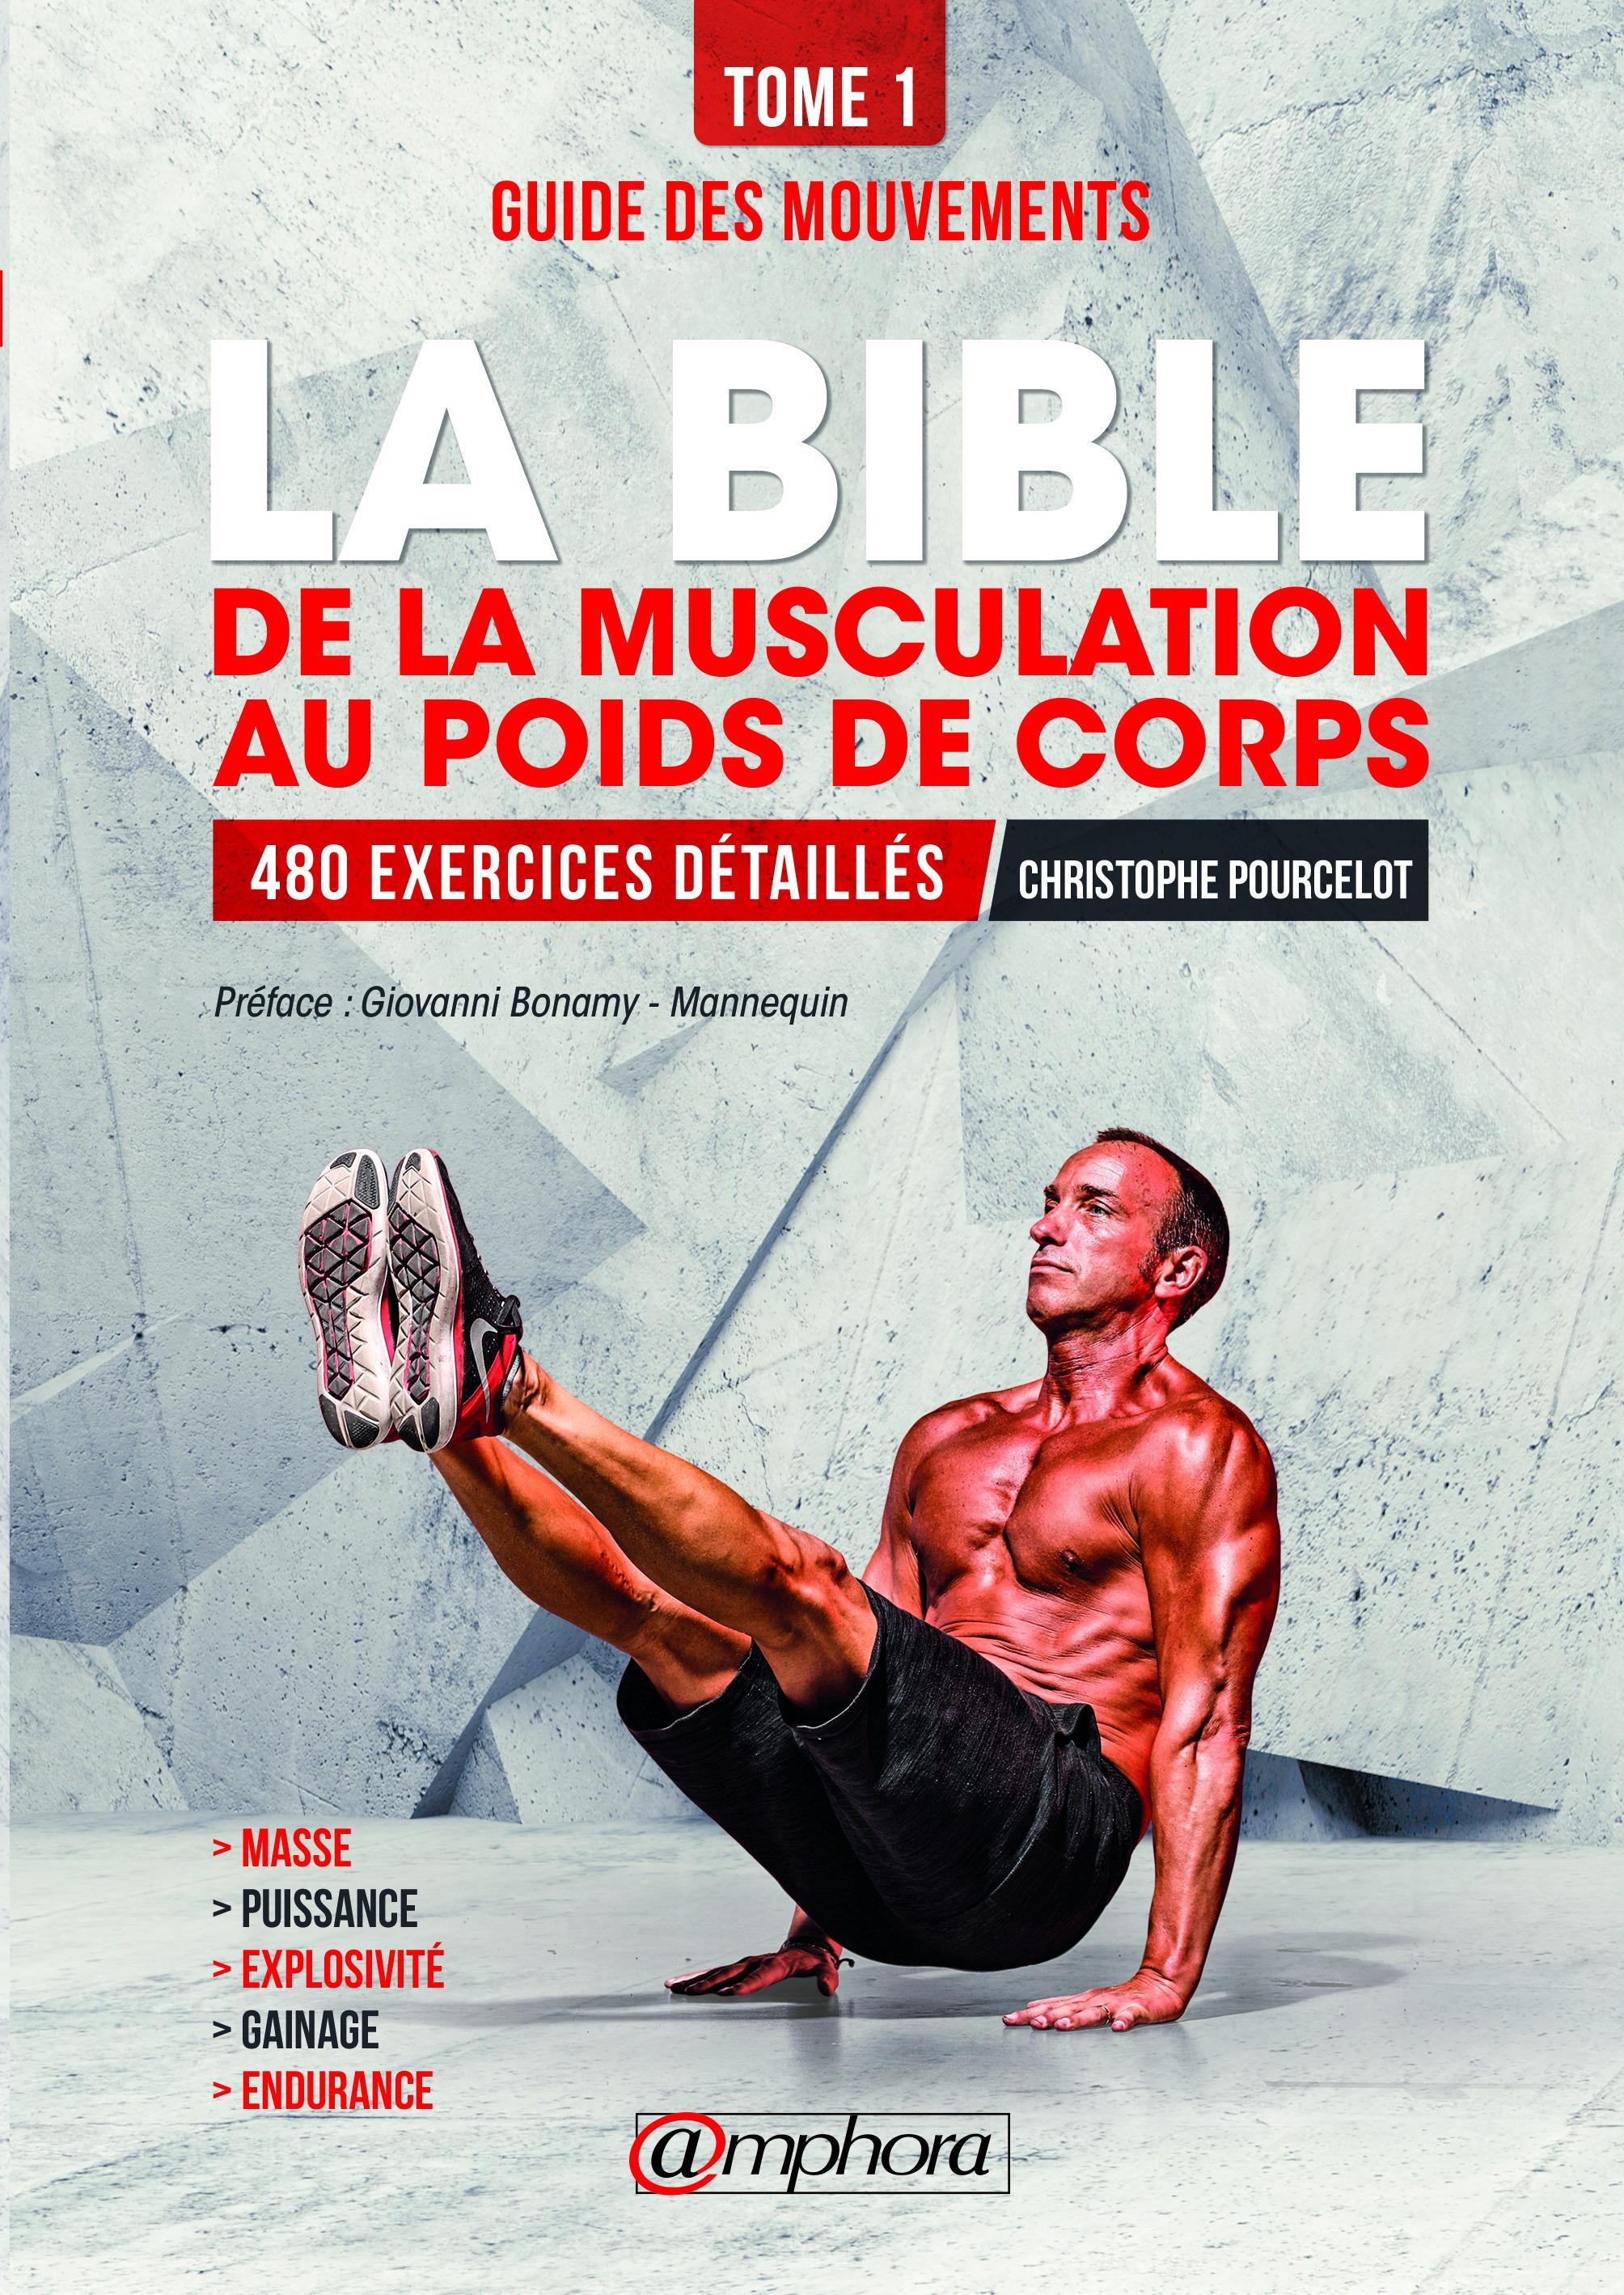 La bible de la musculation au poids de corps t.1 ; guide des mouvements ; 480 mouvements ; 450 séances d'entraînement